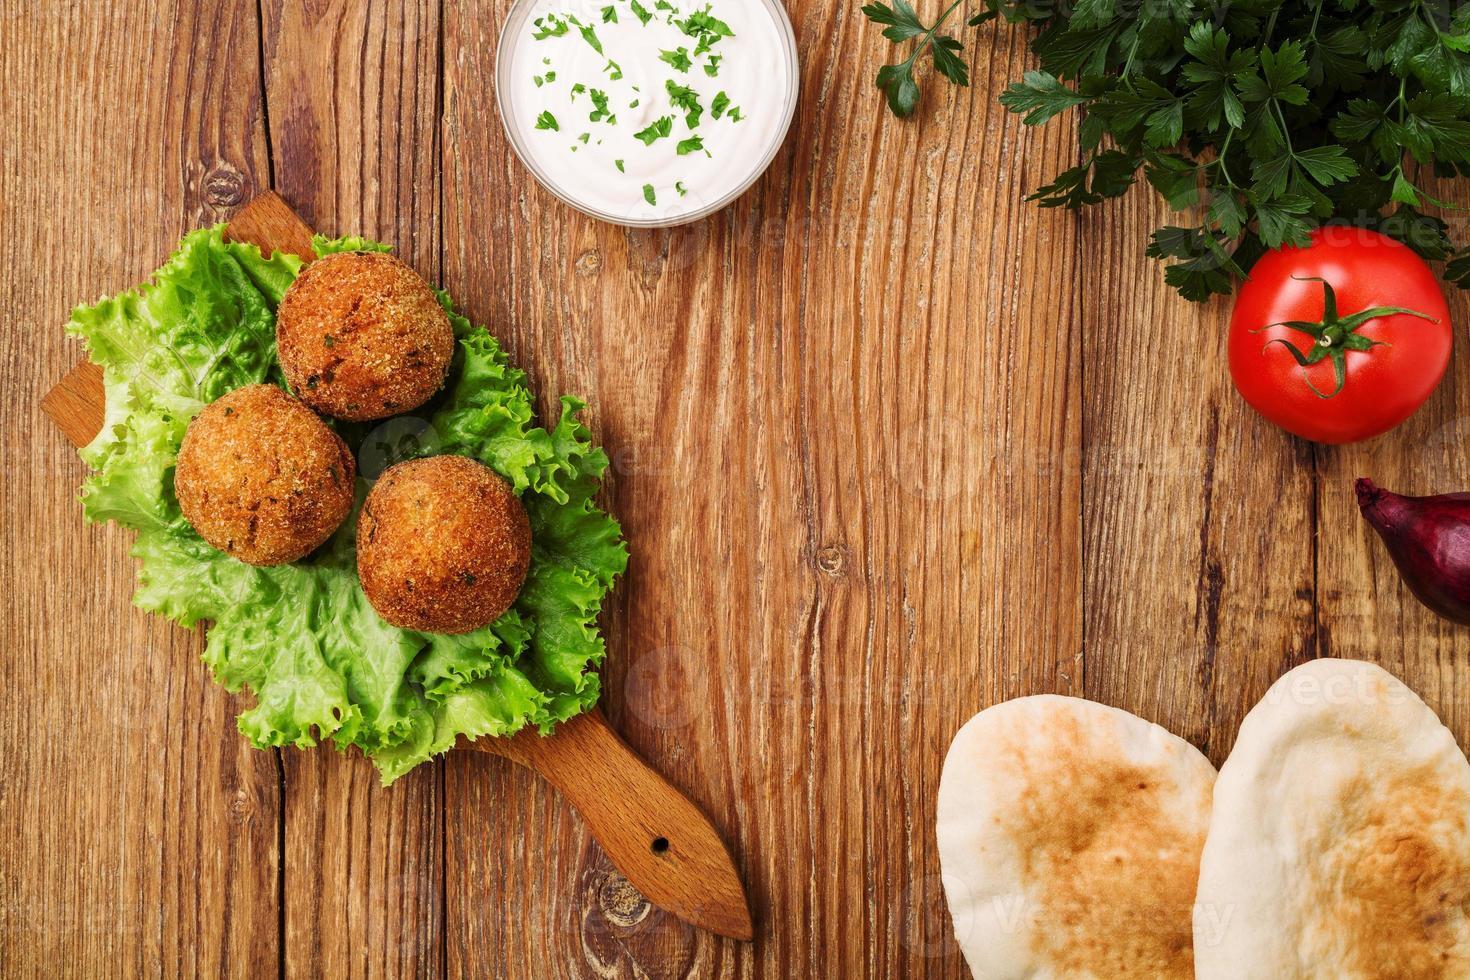 bolas de falafel de garbanzos en un escritorio de madera con verduras foto